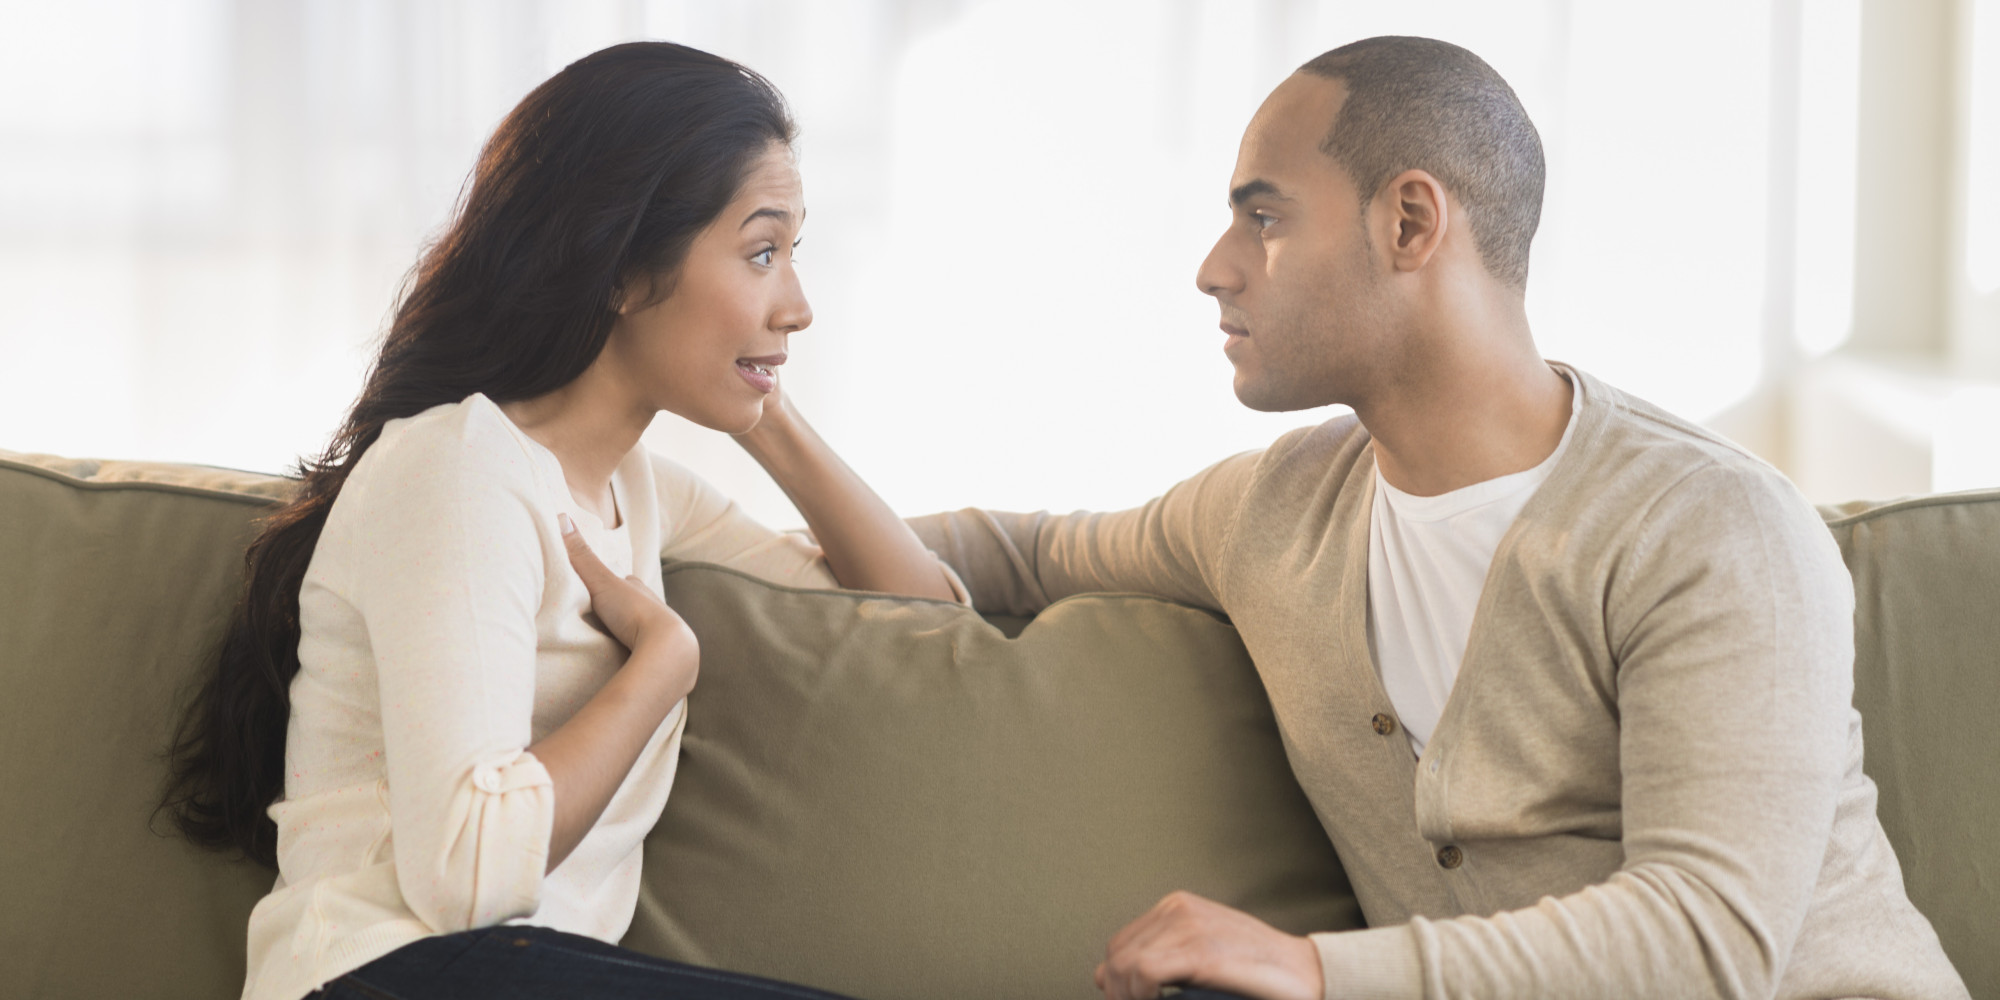 هرگز این ۷ جمله دردسرساز را به همسرتان نگویید